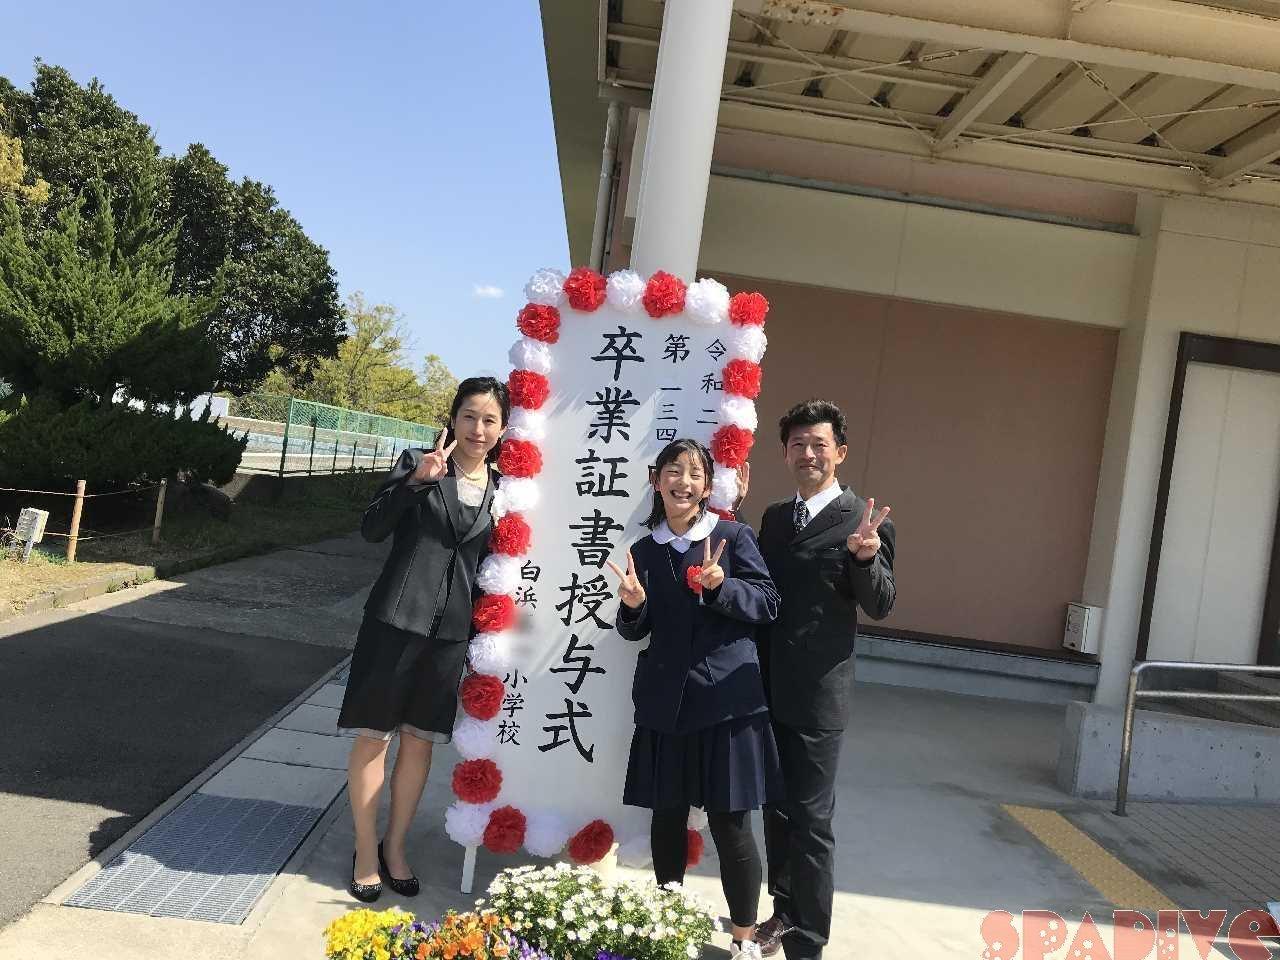 長女の小学校卒業式 初めてのわが子卒業式 3/23/2021